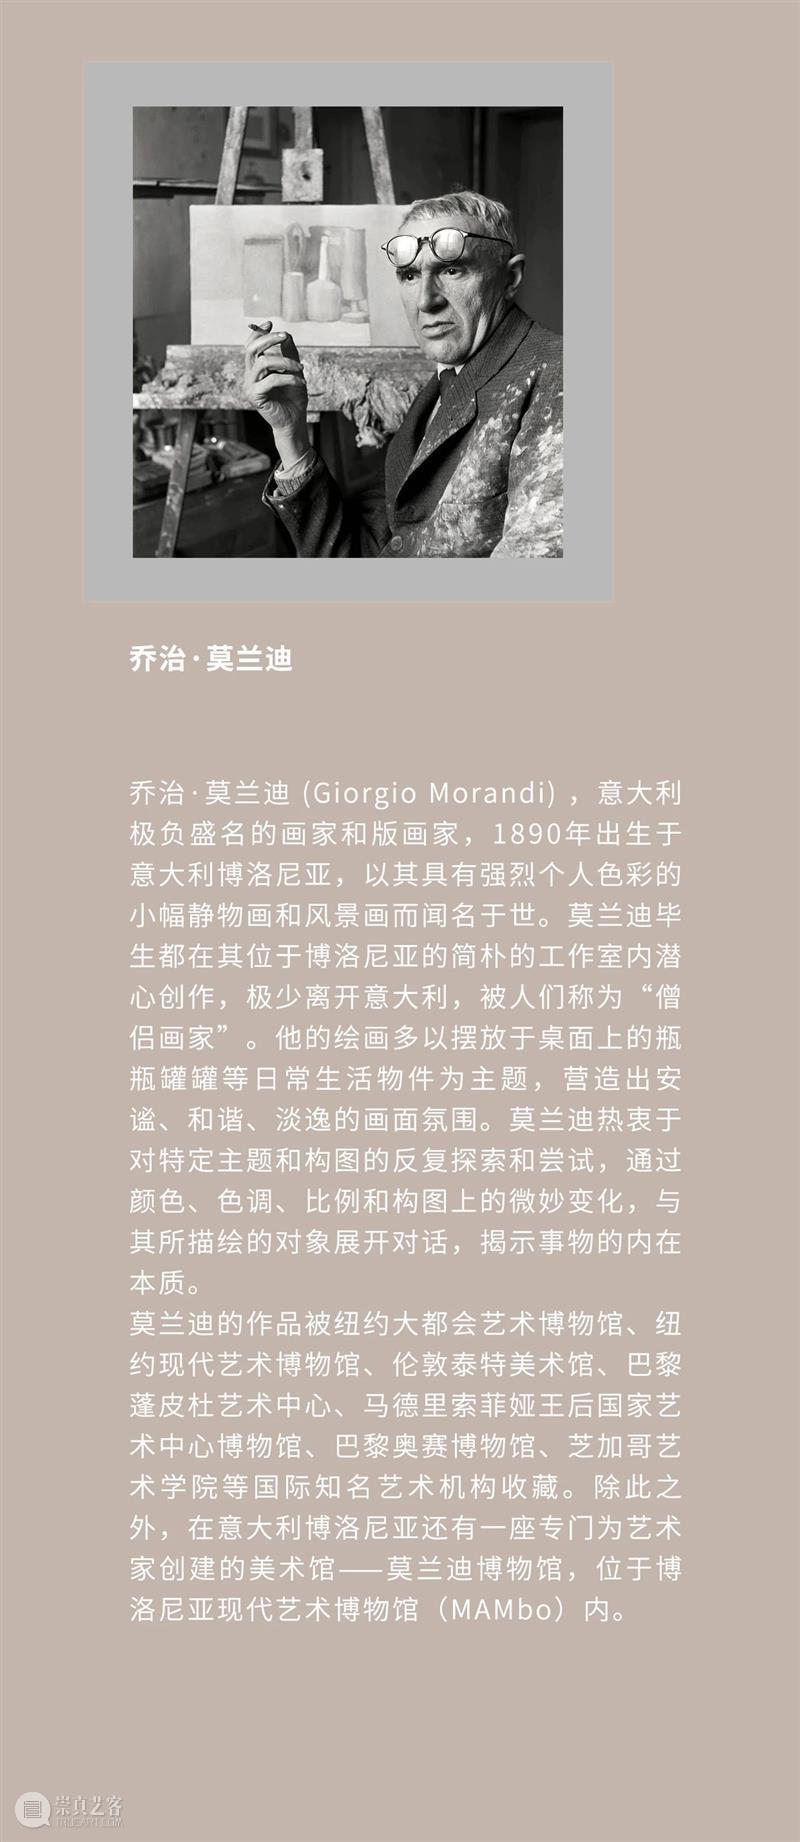 「几乎一切」乔治·莫兰迪版画展 乔治·莫兰迪 画展 方式 嘉宾 电子 邀请函 大麦 摩天轮 现场 莫兰迪 崇真艺客